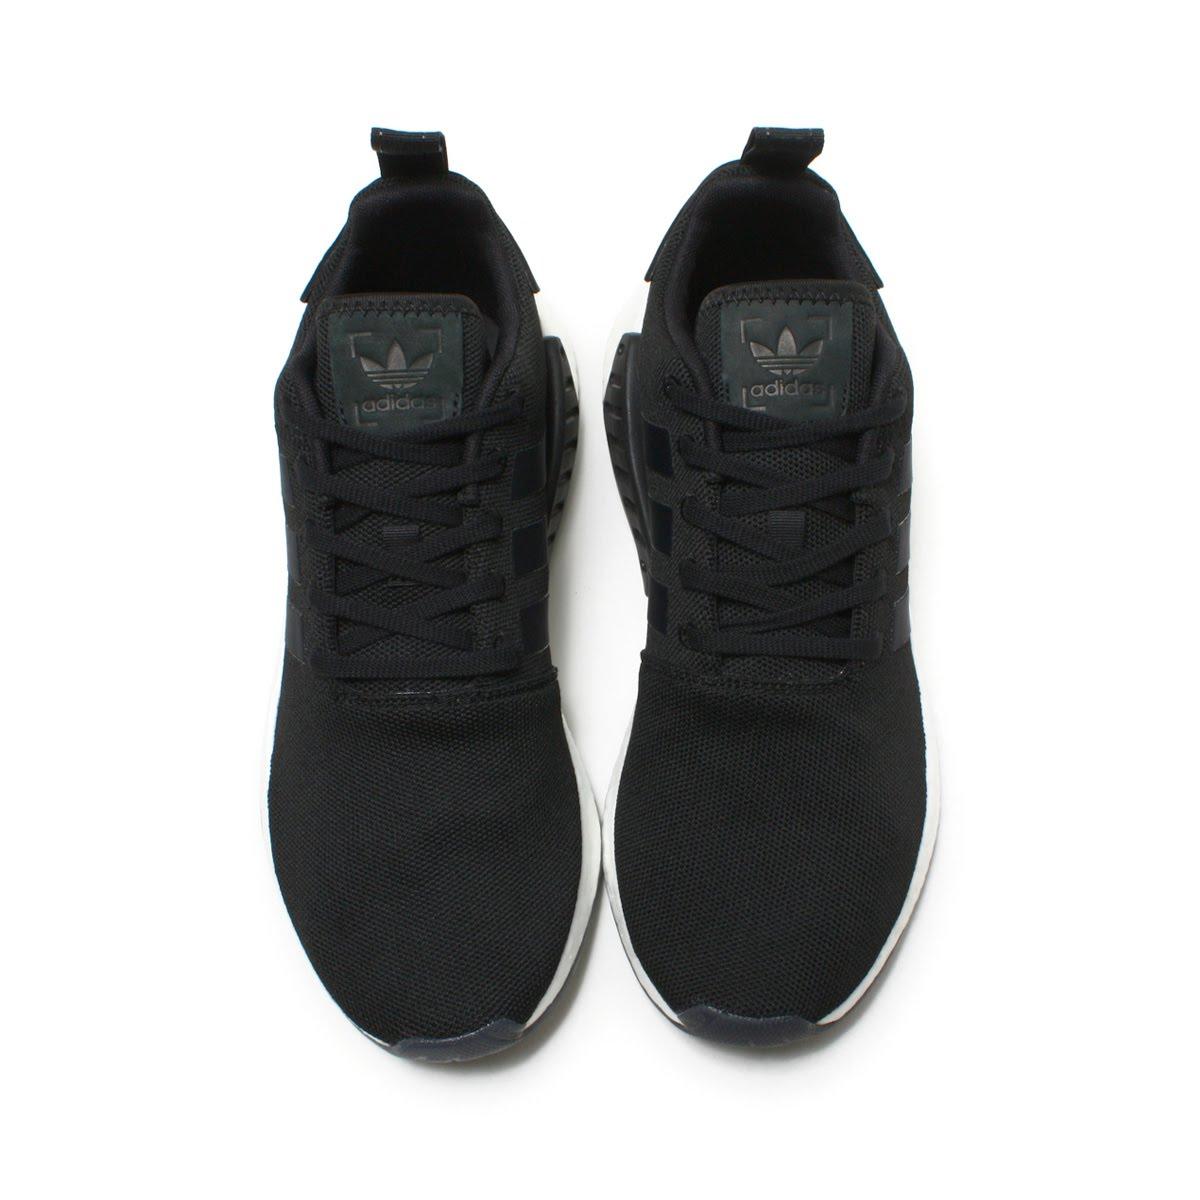 8a5ed6102 adidas Originals NMD R2 (Adidas originals N M D R2) Core Black Core  Black Core Black 18SS-I